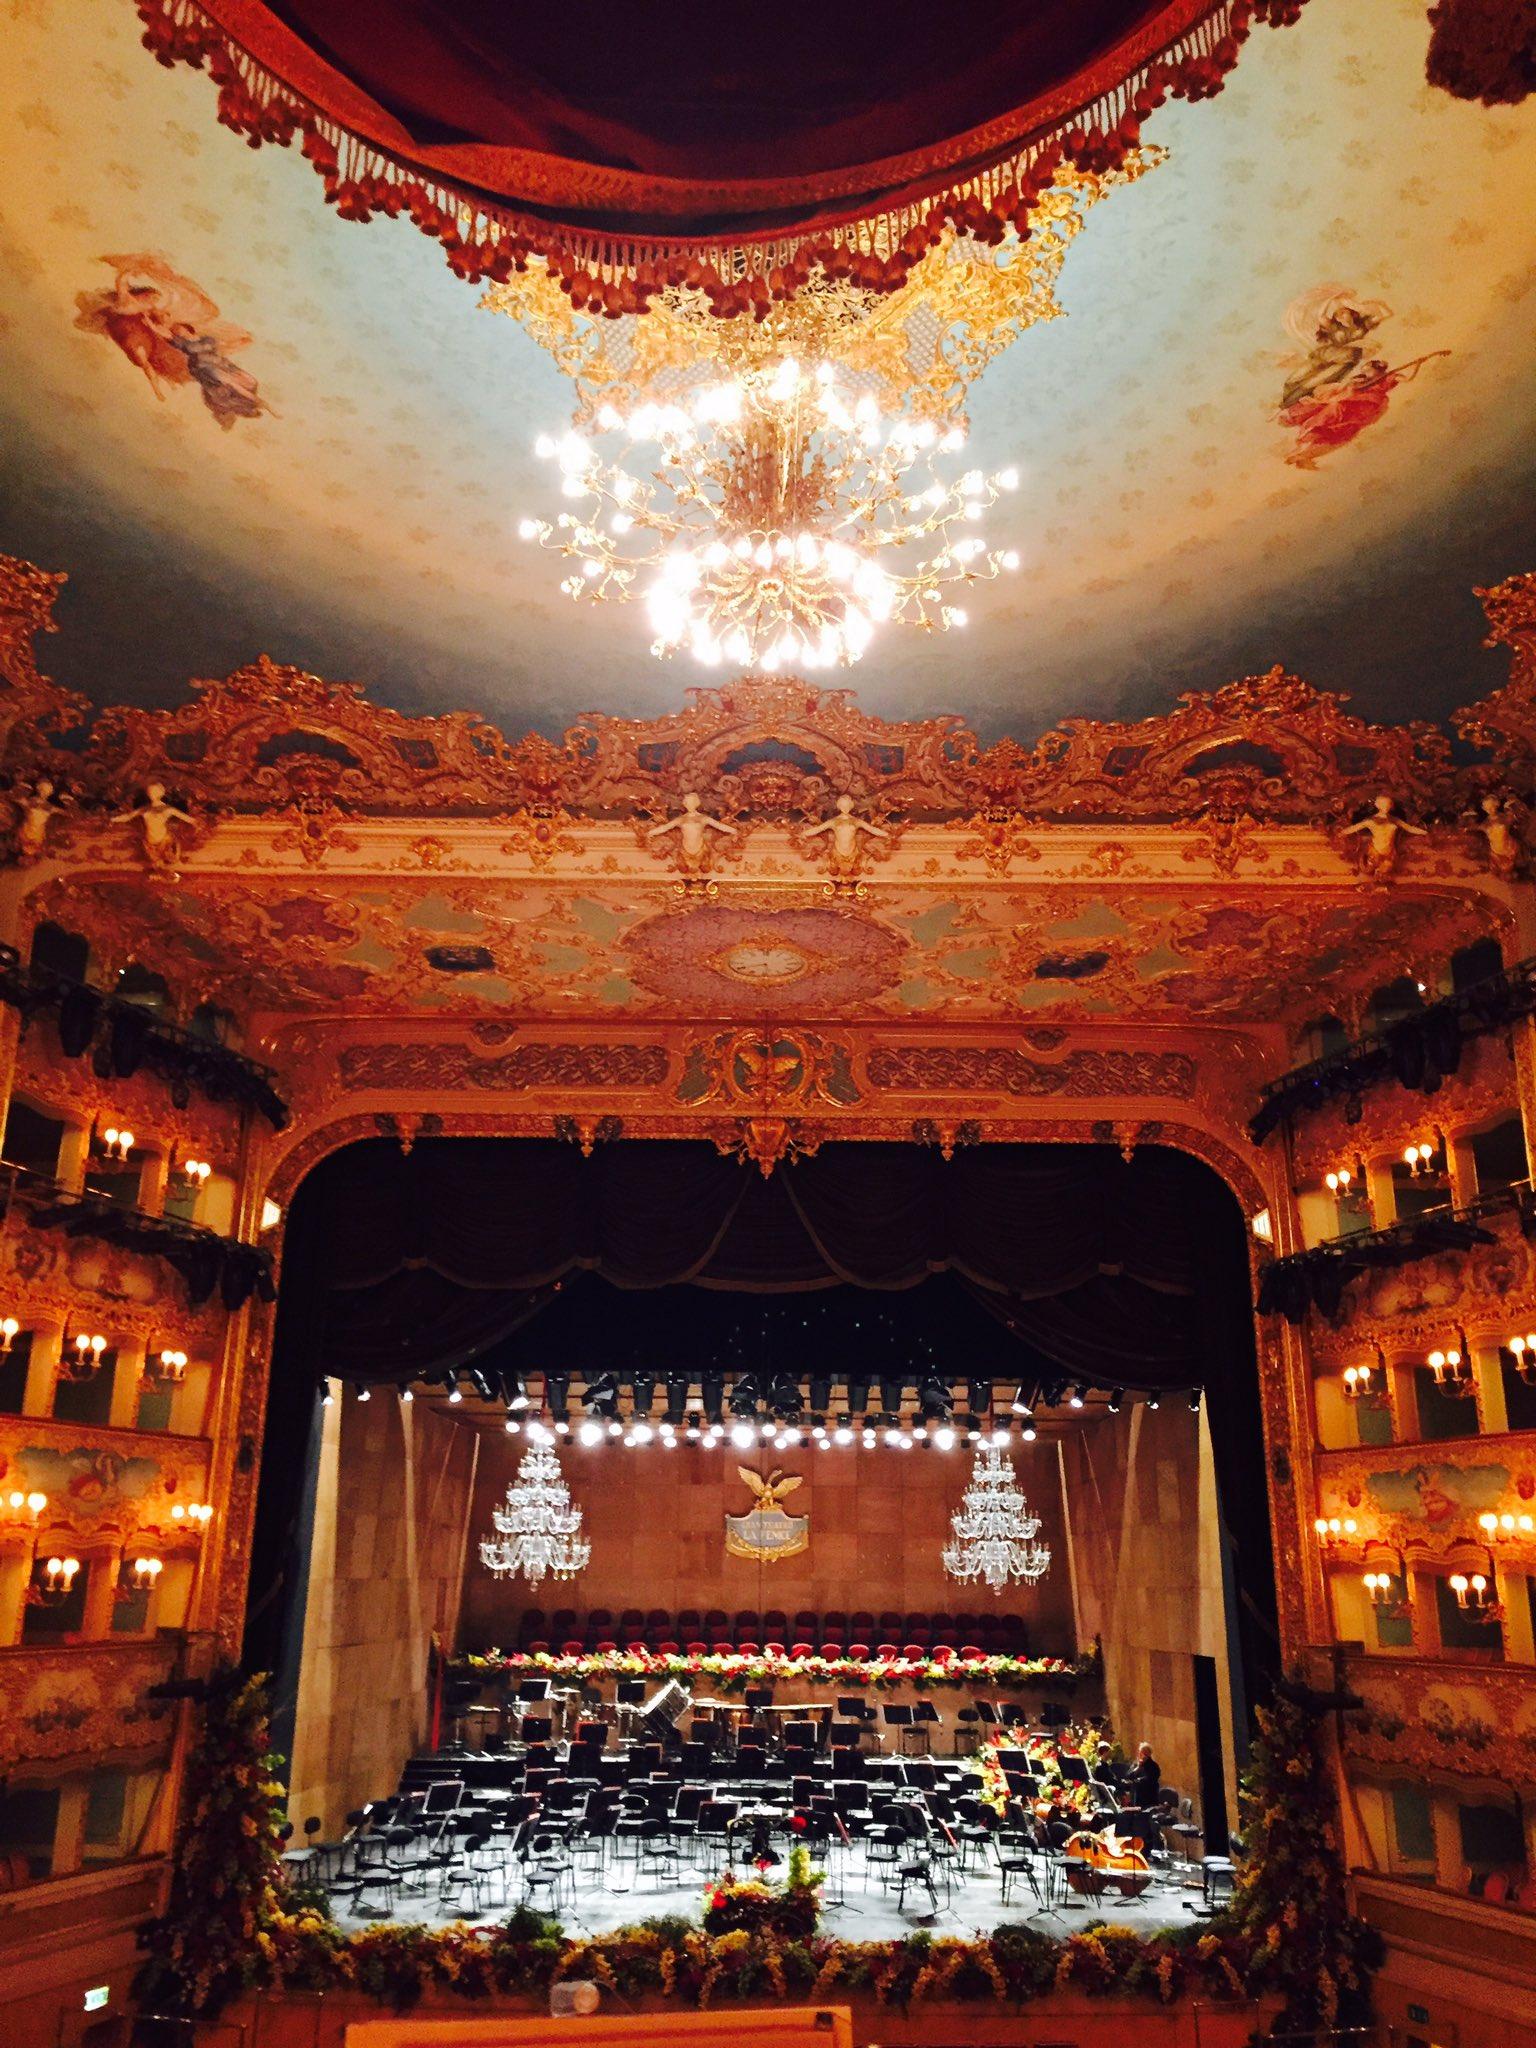 Un jour j'en verrai un #opera @teatrolafenice et cela sera bellissimo 🌟✨🌟 https://t.co/PJJvGHCWA8